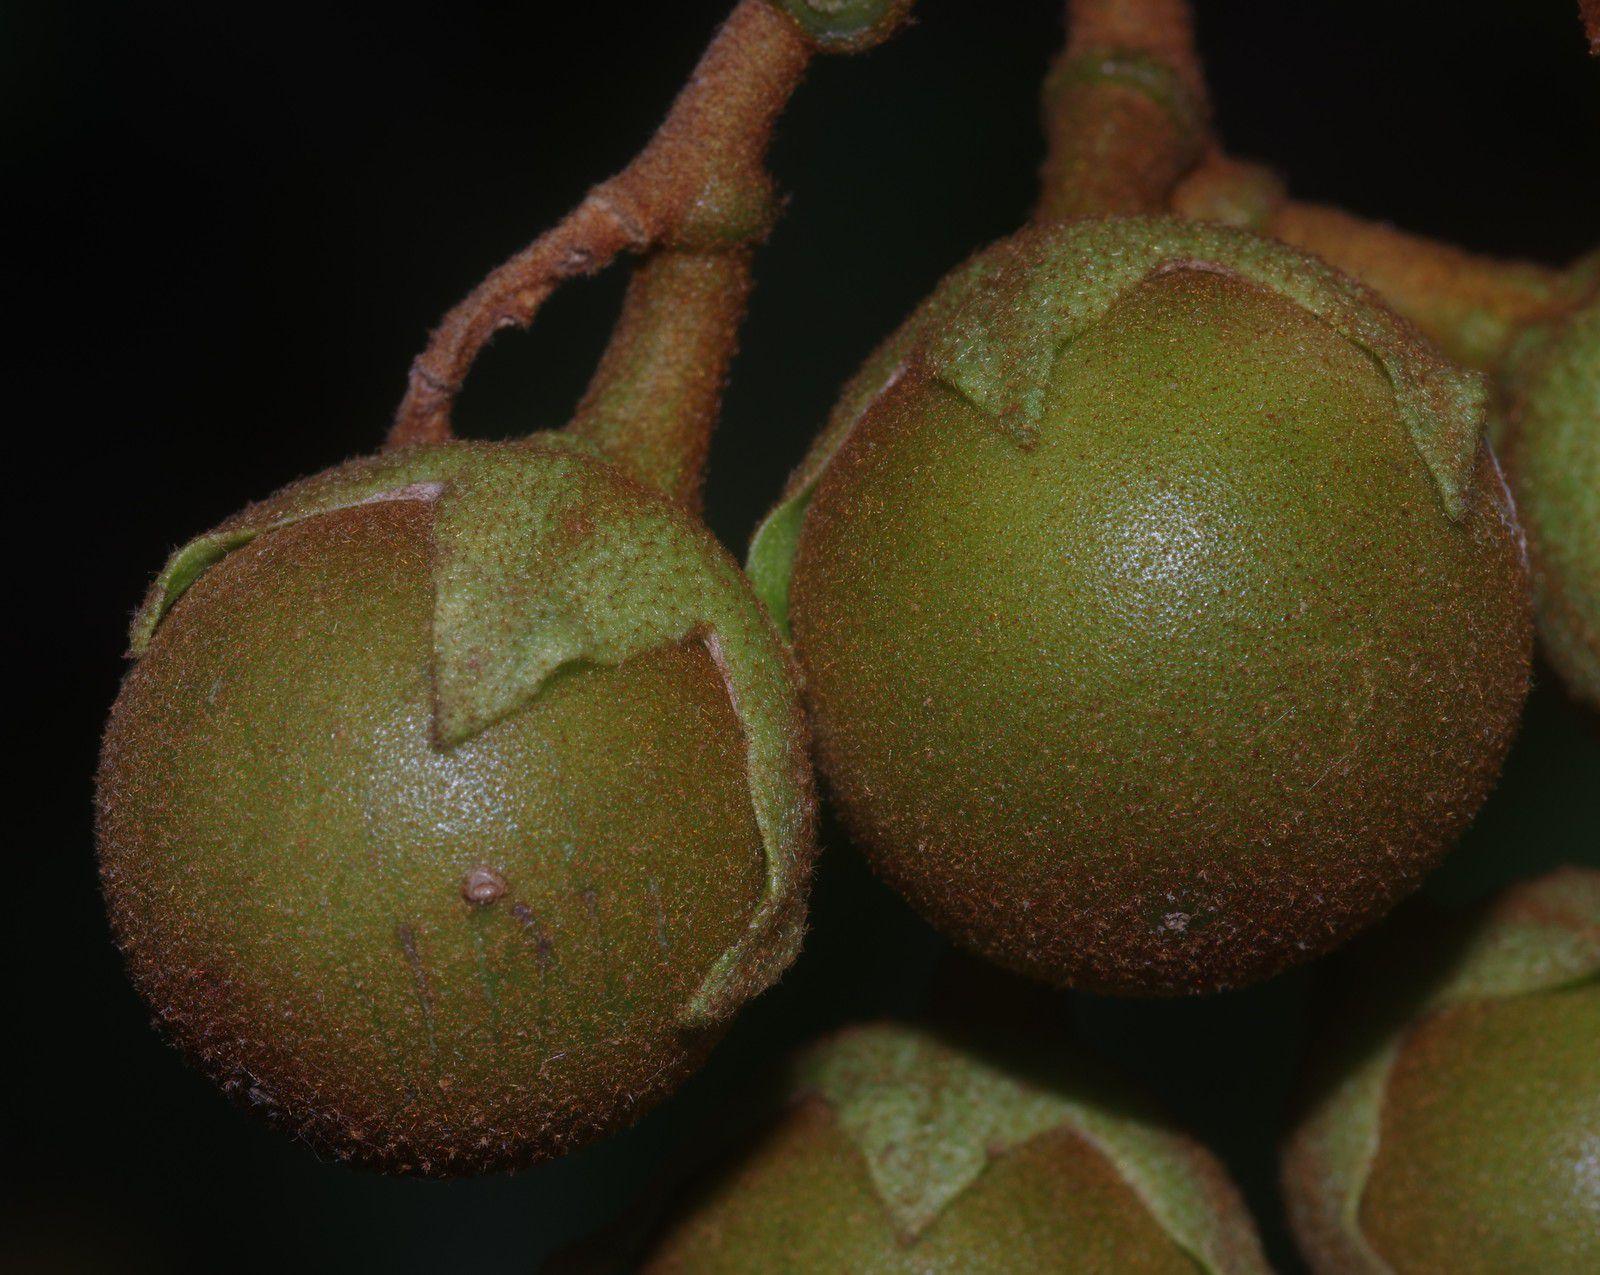 Solanum rubiginosum